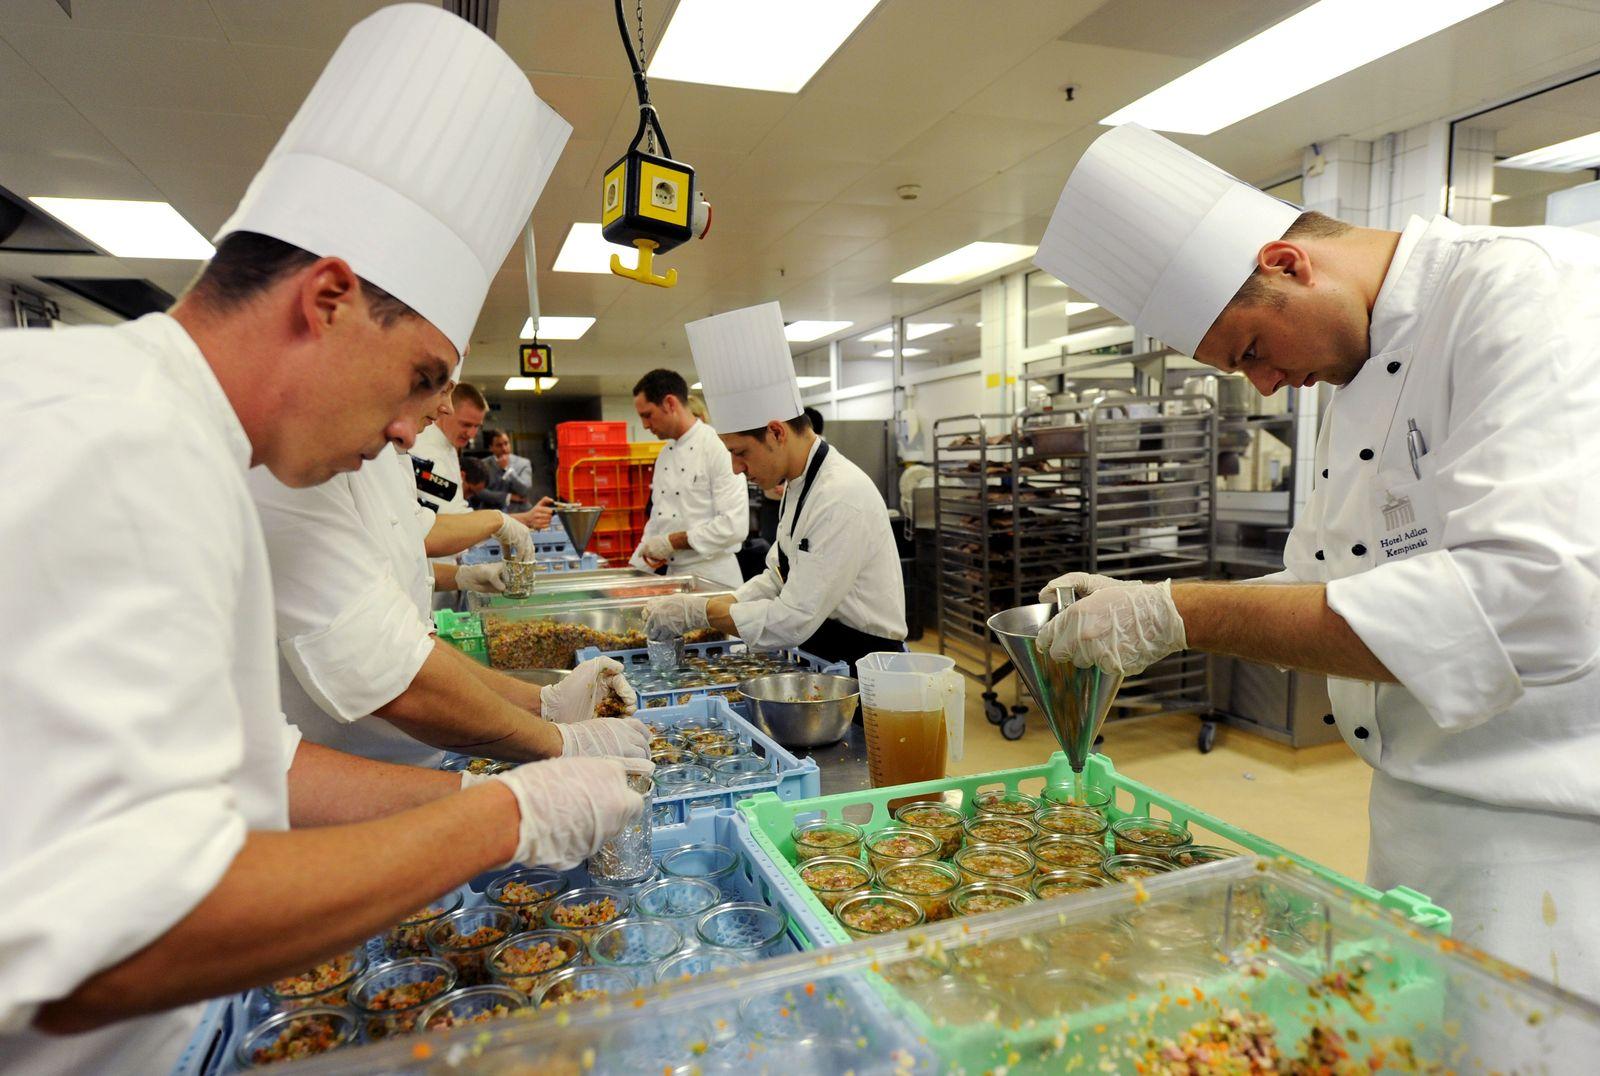 SPIEGEL TV REPORTAGE 07.05.2012 Die Küche ist kein Ponyhof